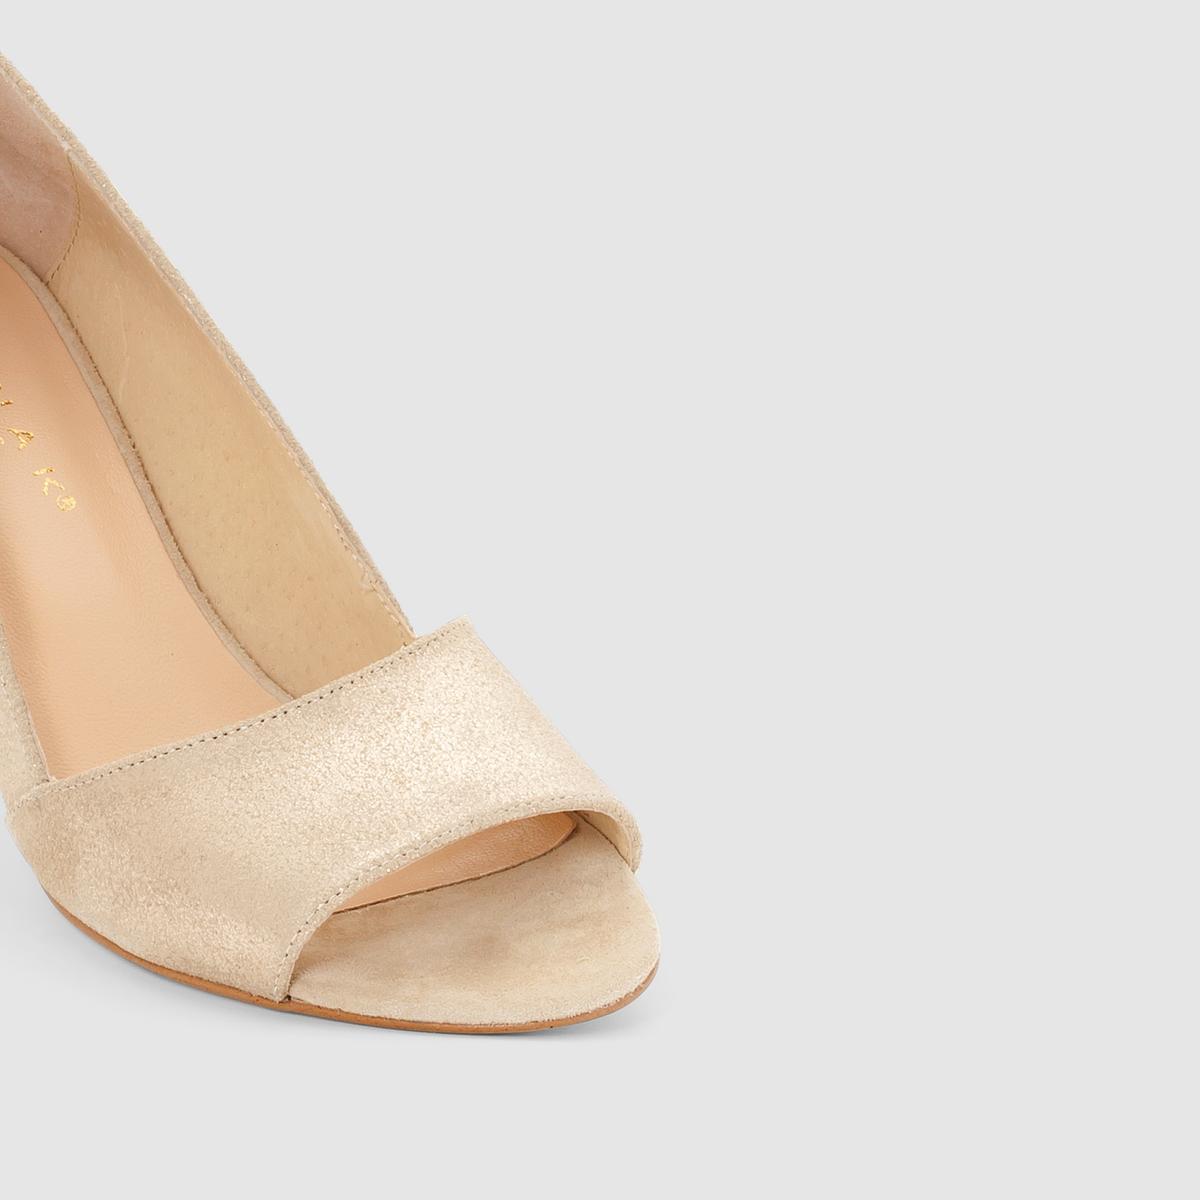 Туфли из ламинированной кожиТуфли DORTA от JONAKВерх : ламинированная невыделанная кожа (яловичная)Подкладка :  кожаСтелька : кожаПодошва : эластомерЗастежка : без застежкиПреимущества  : туфли на каблуке JONAK пленяют оригинальным внешним видом благодаря аутентичной и мягкой ламинированной коже<br><br>Цвет: Платиновый<br>Размер: 37